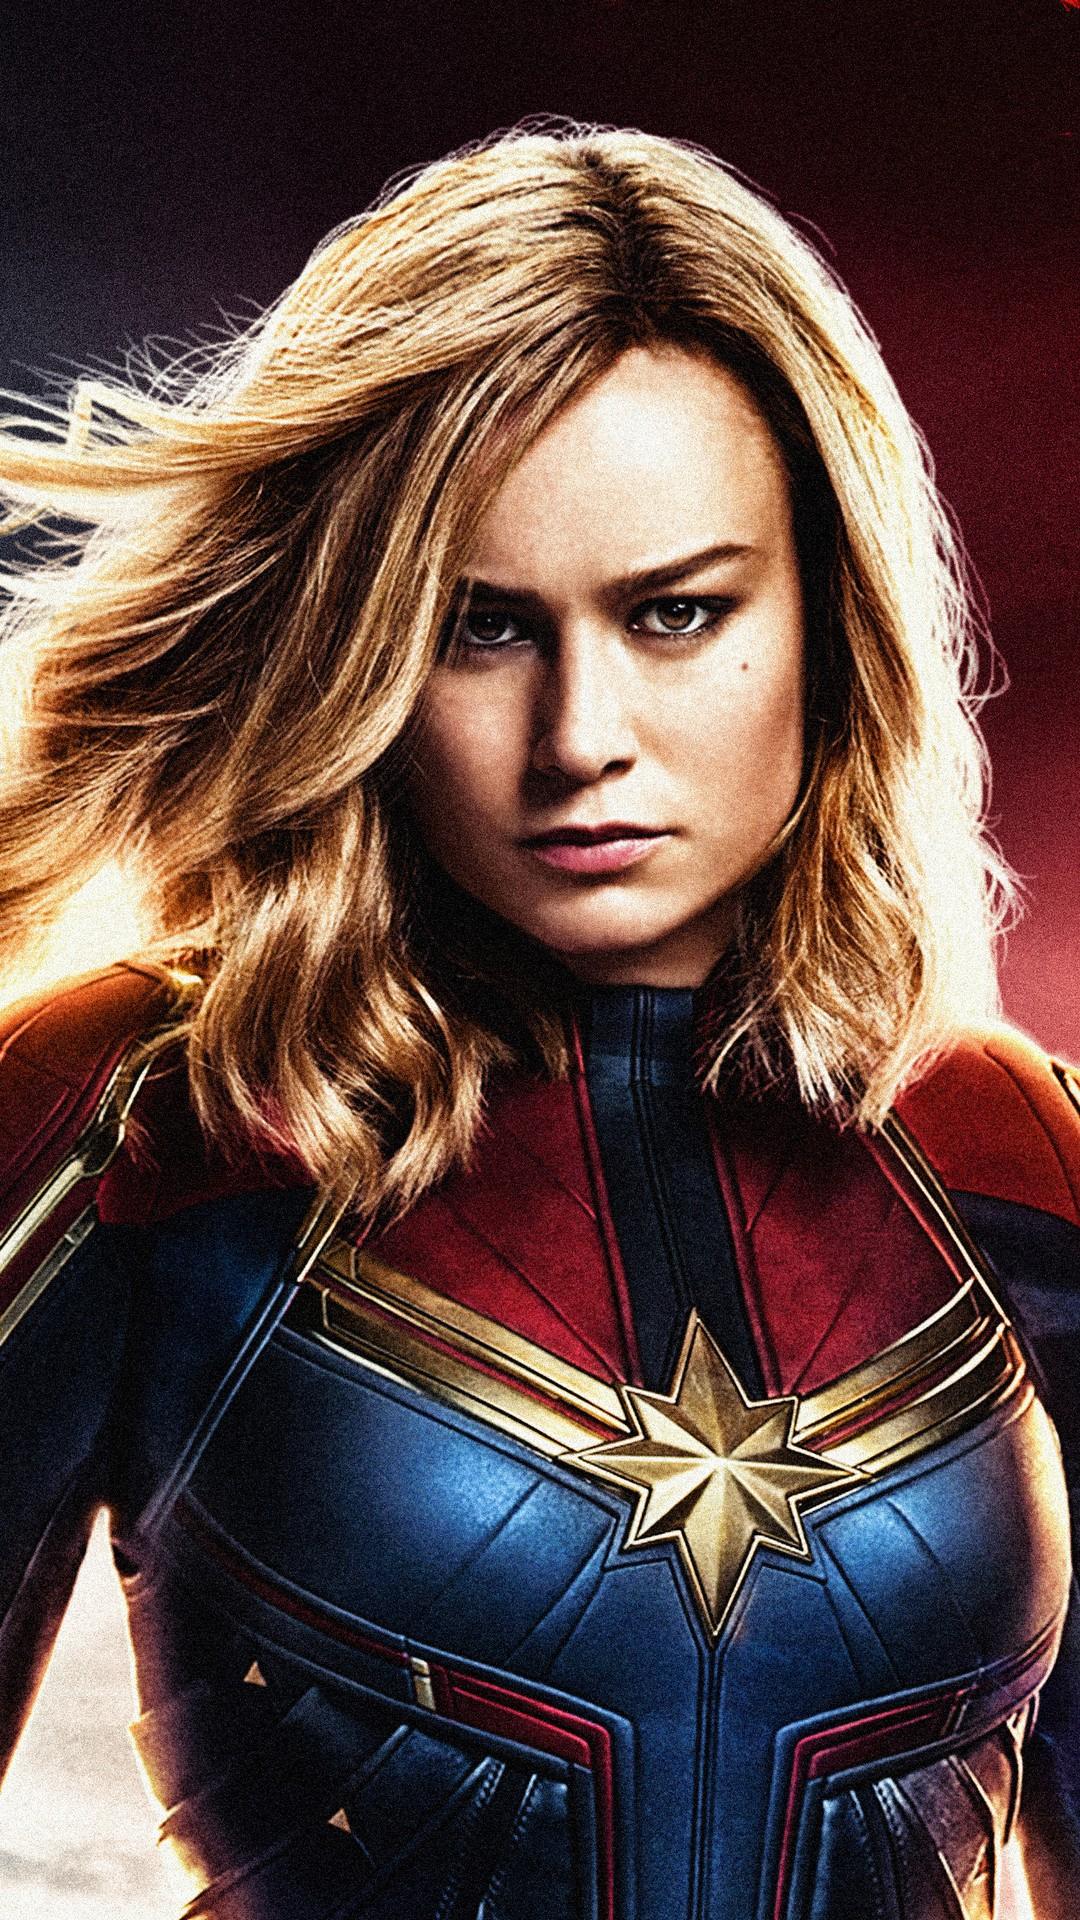 Mobile Wallpaper Captain Marvel 2020 Movie Poster Wallpaper HD 1080x1920